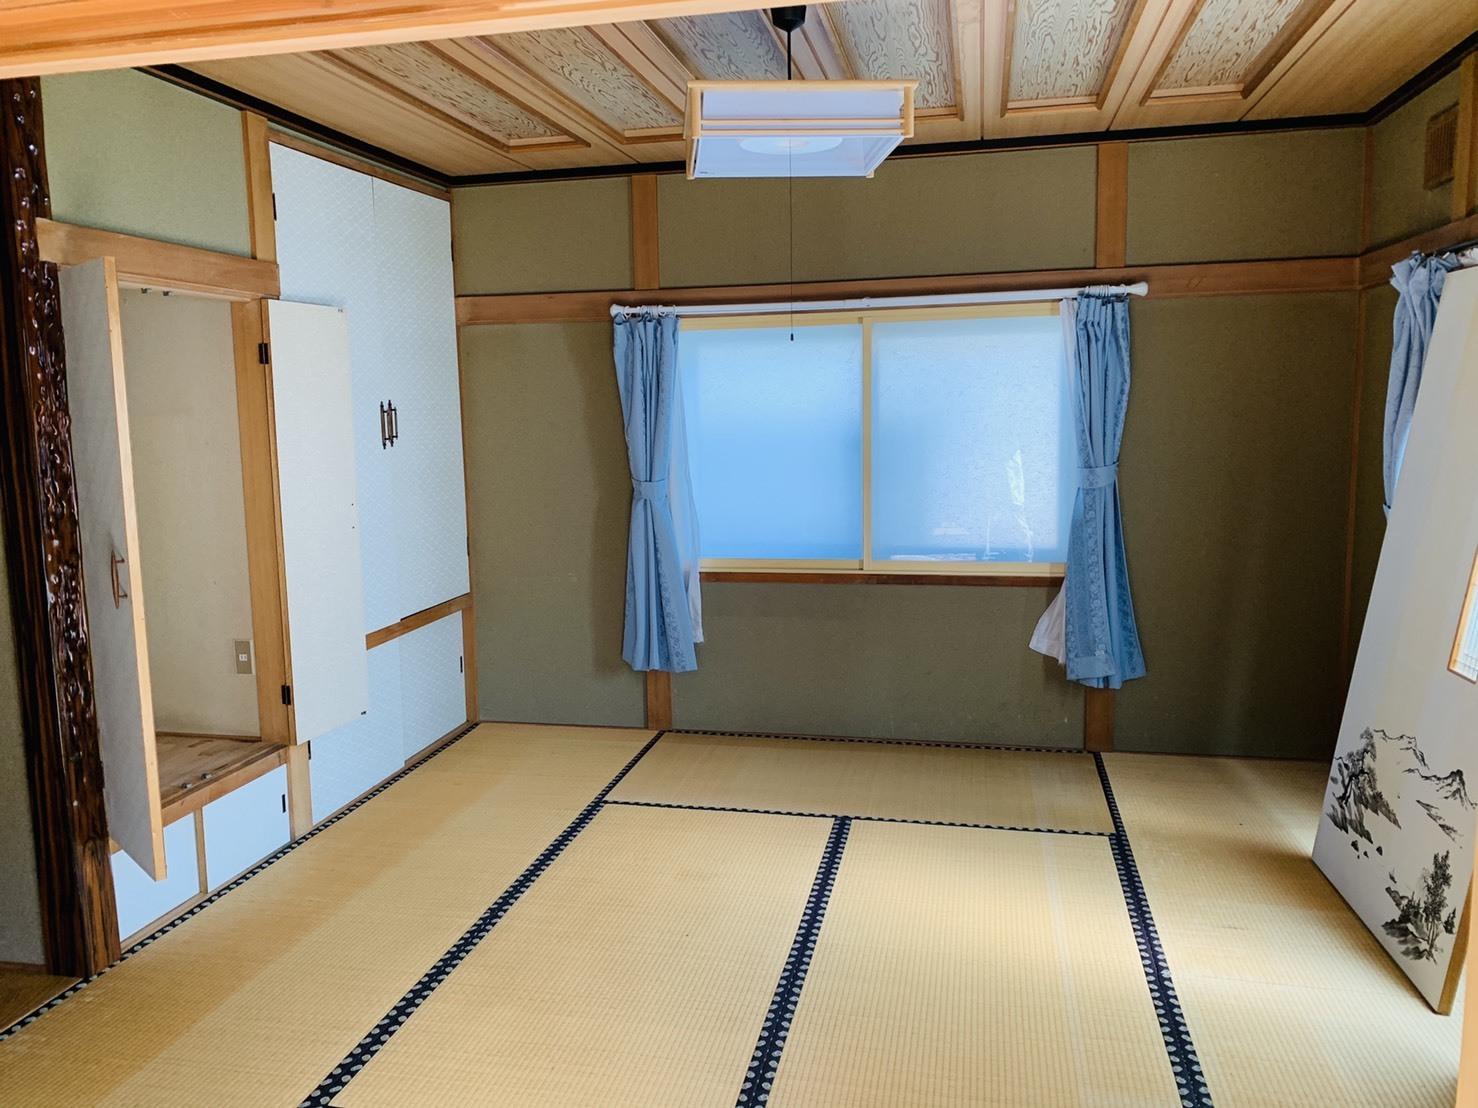 遺品整理の終わったお家の 清掃作業へ_a0239890_10573582.jpg